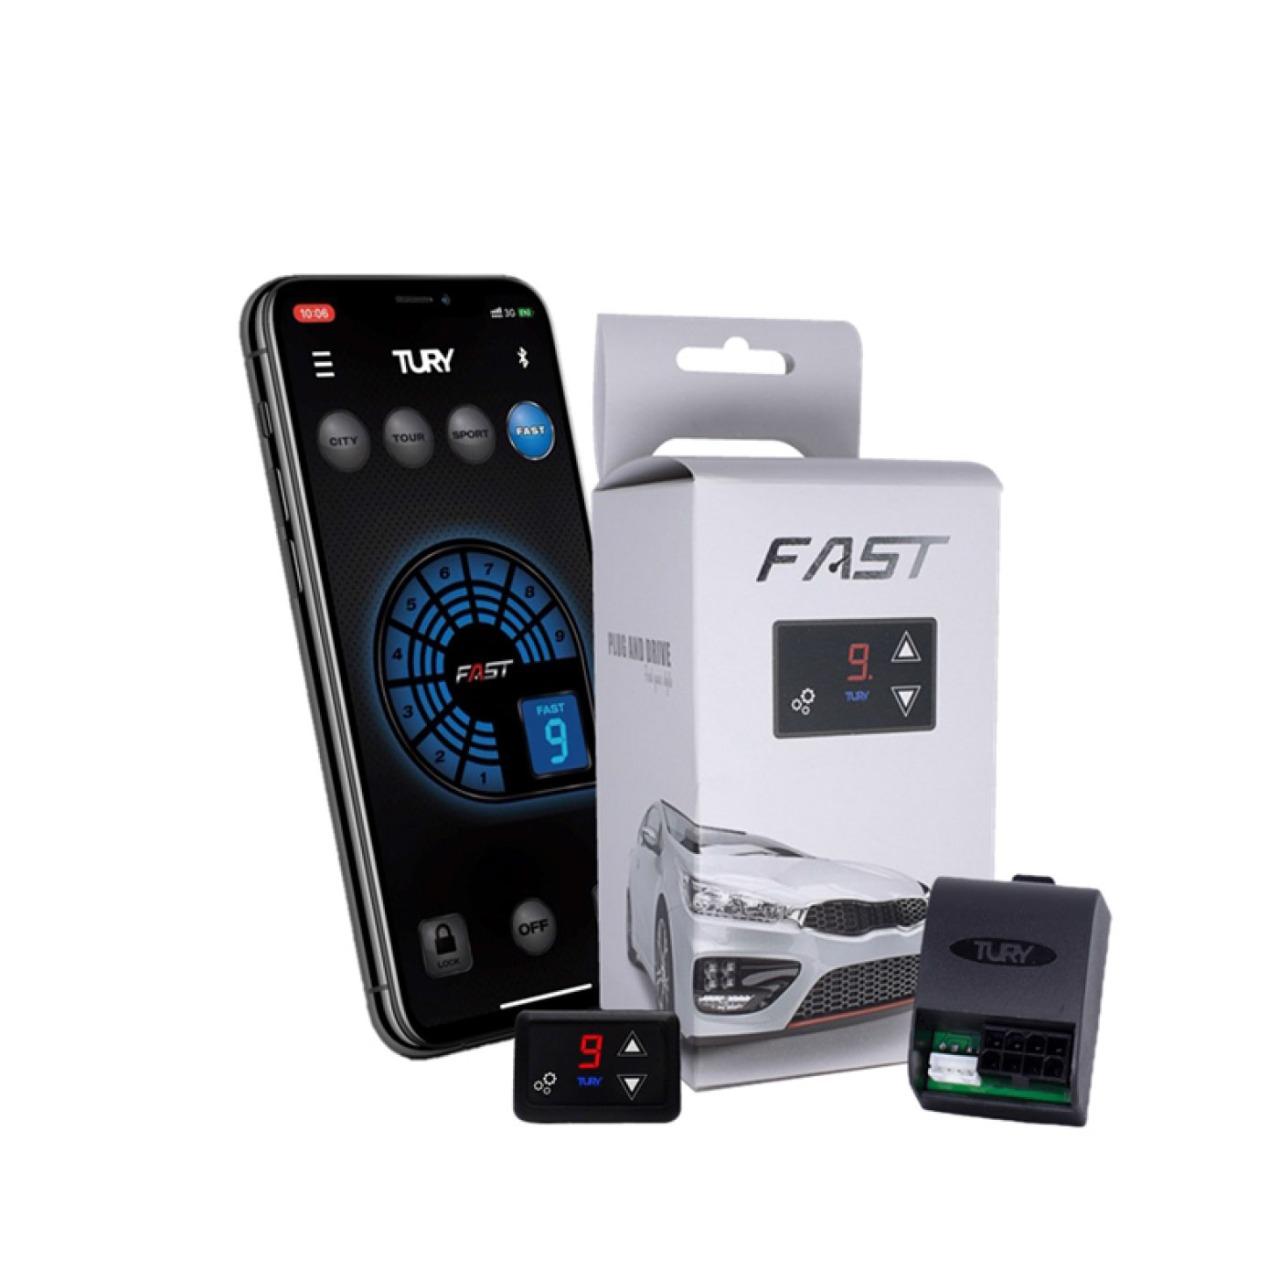 Chip Acelerador Eletrônico com Bluetooth Pedal Delay Tury Fast FAST2.0O